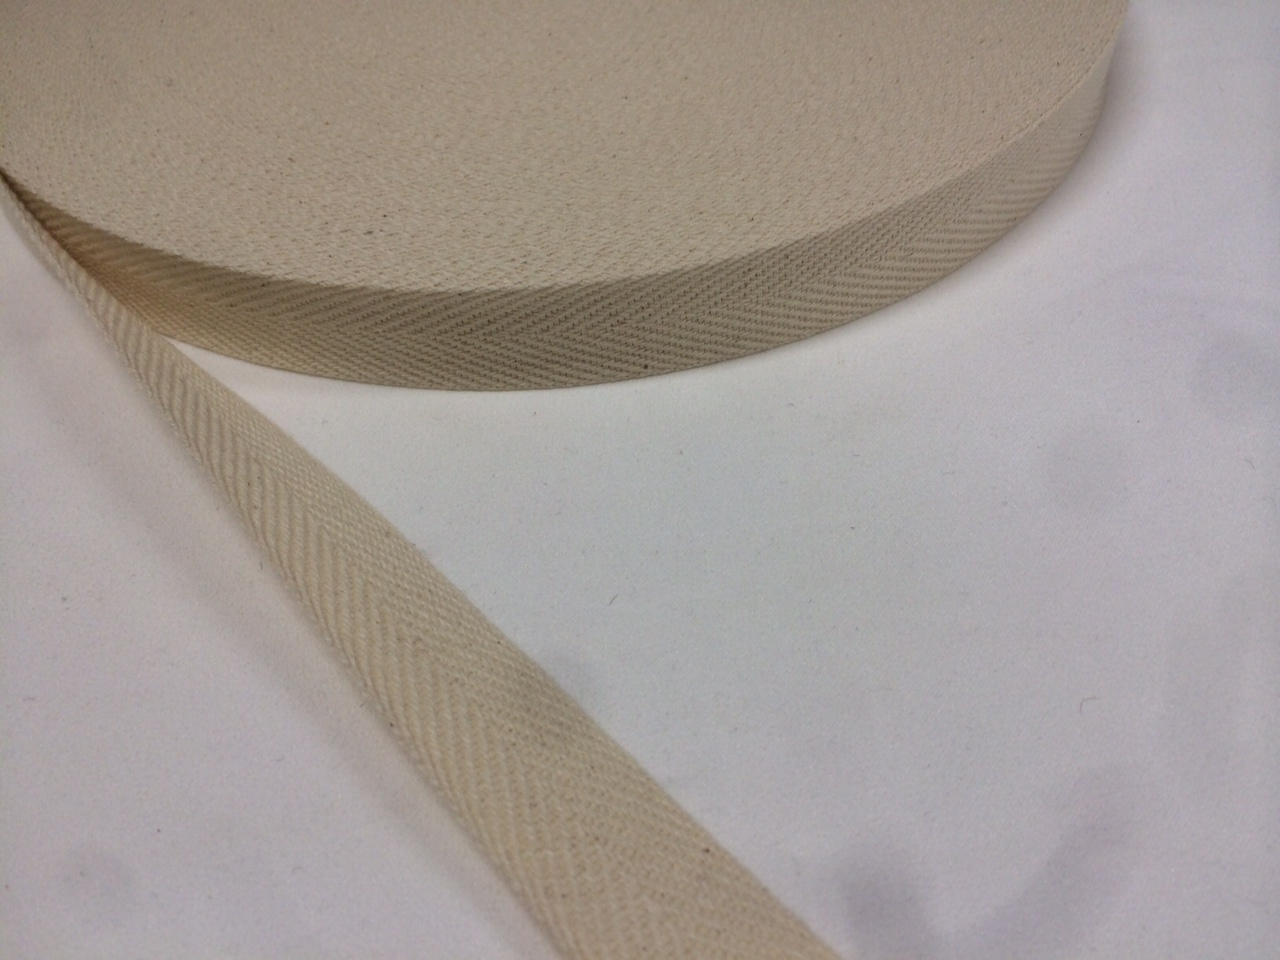 綿 コットン 杉綾 (綾テープ) 1㎜厚 10㎜幅 50m巻